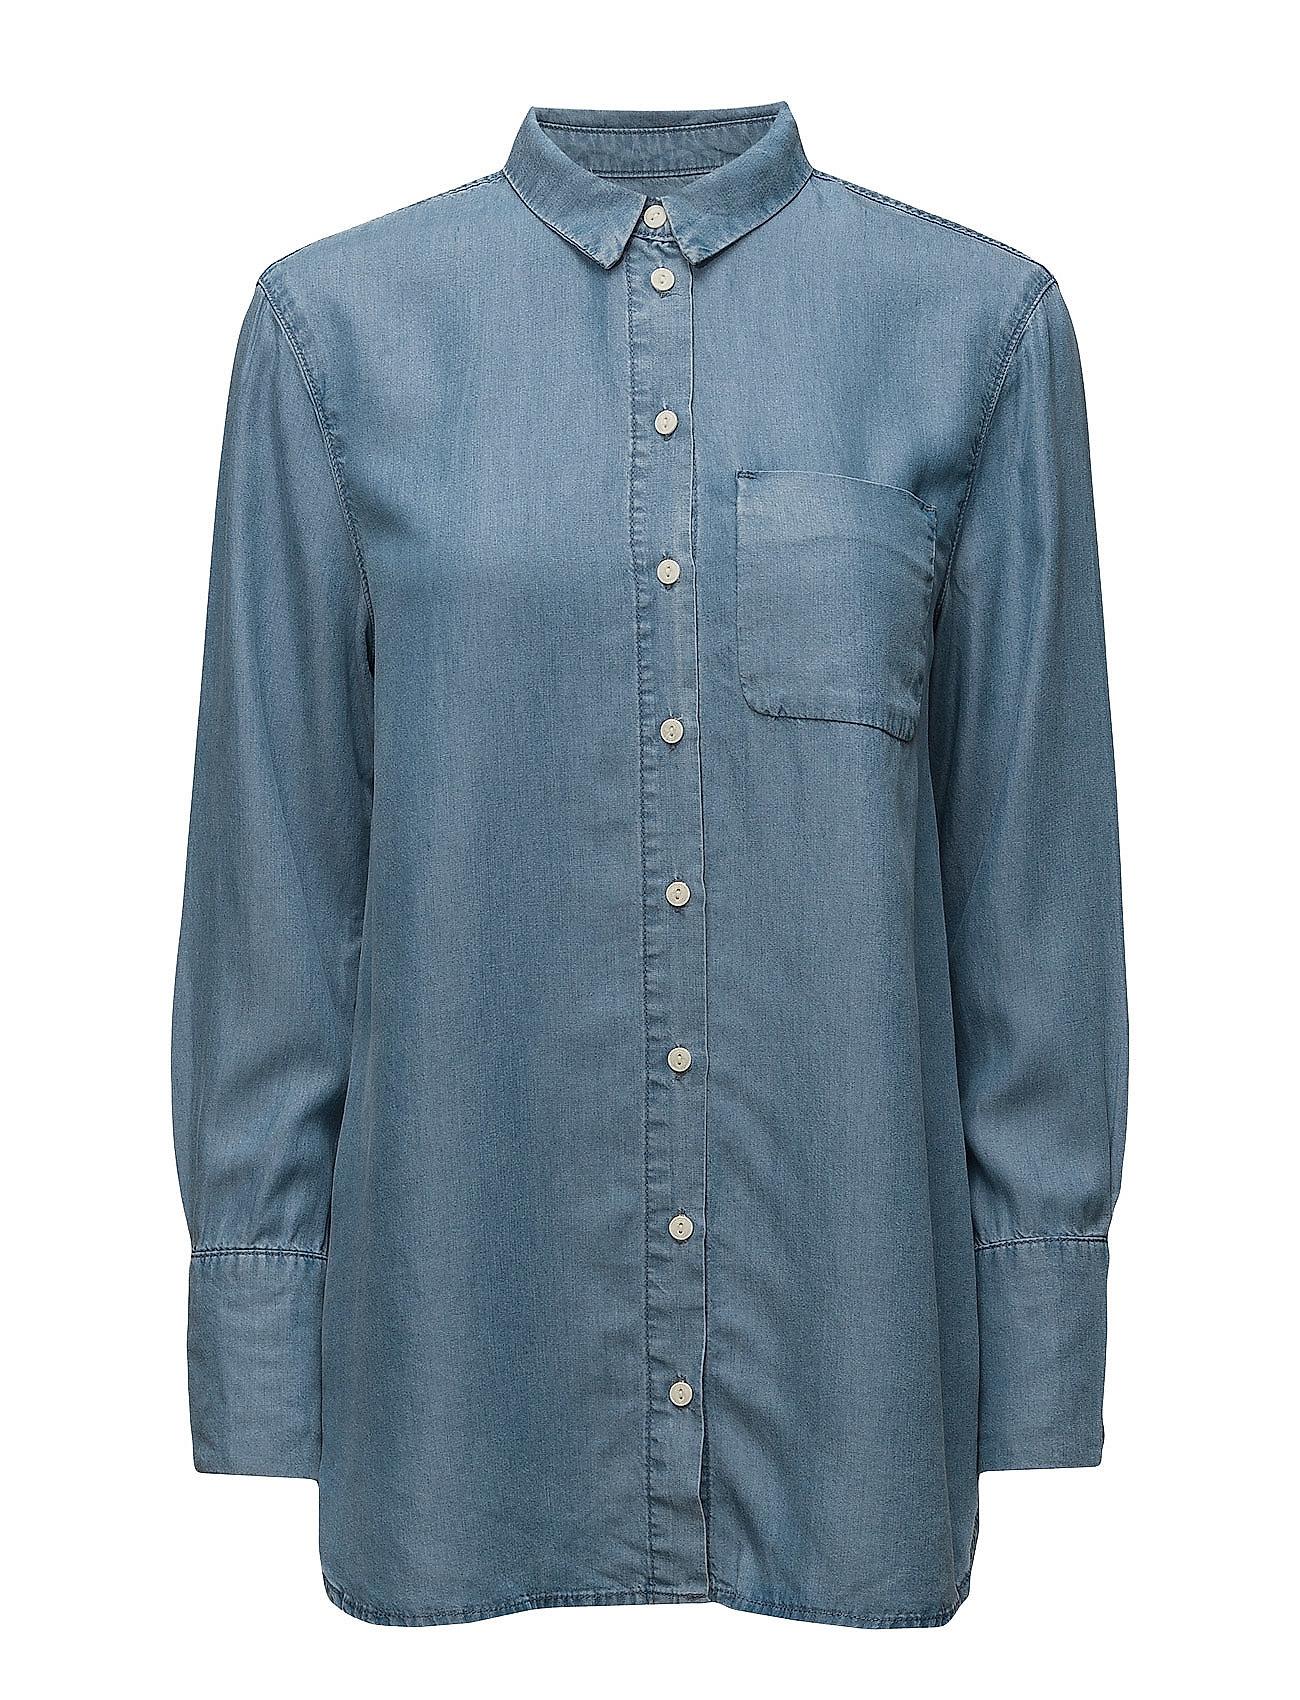 Sfdahrma Ls Denim Shirt Selected Femme Langærmede til Damer i